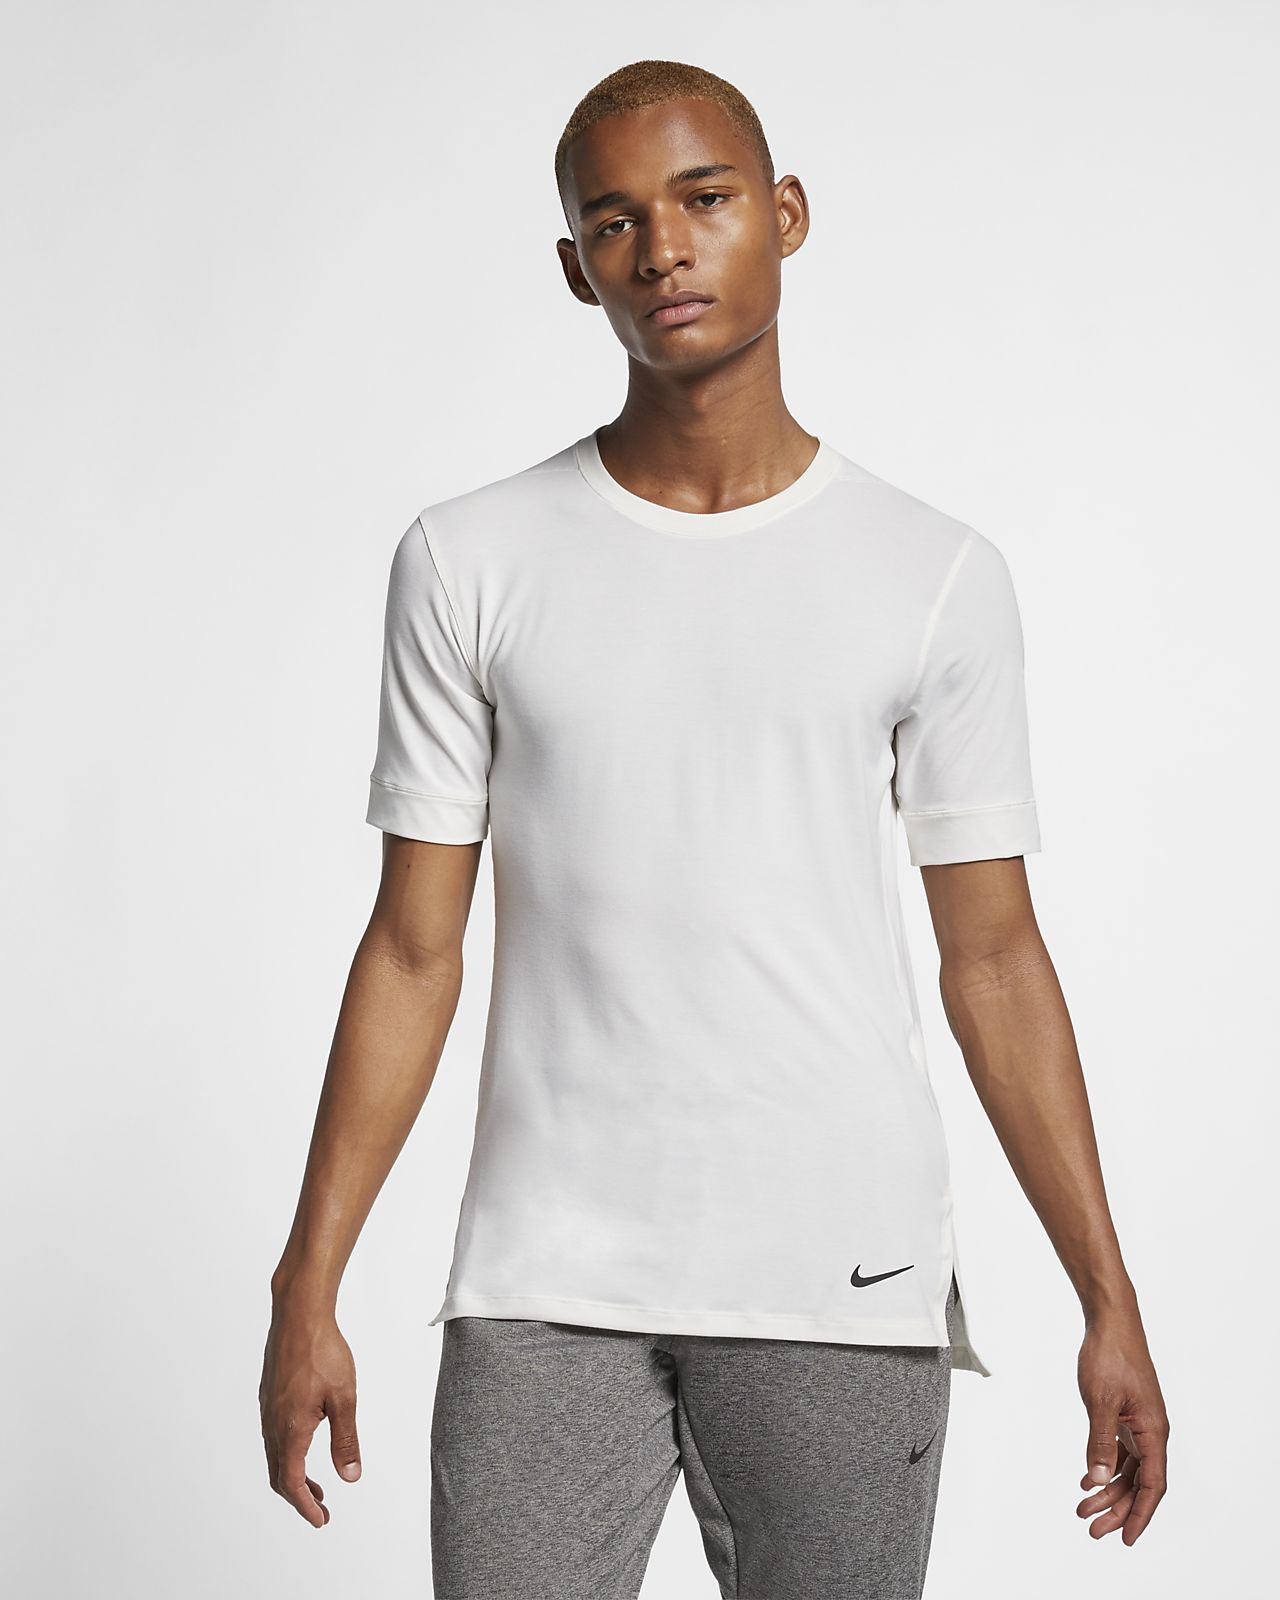 b4c39439d Nike Dri-FIT Men's Short-Sleeve Yoga Training Top. Nike.com